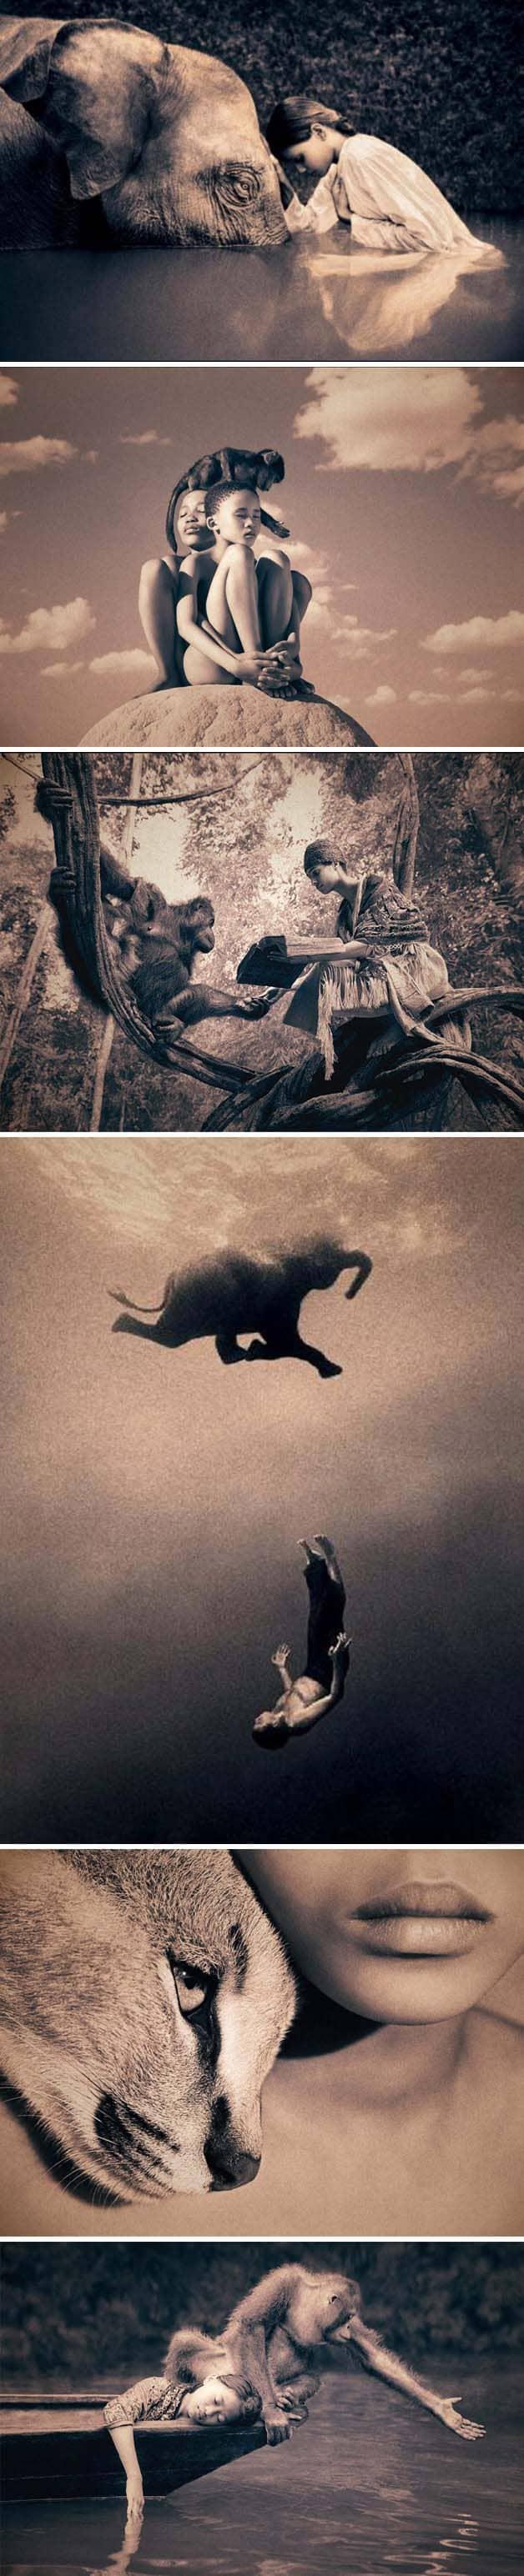 Fotógrafo registra momentos de harmonia entre homem e natureza 3